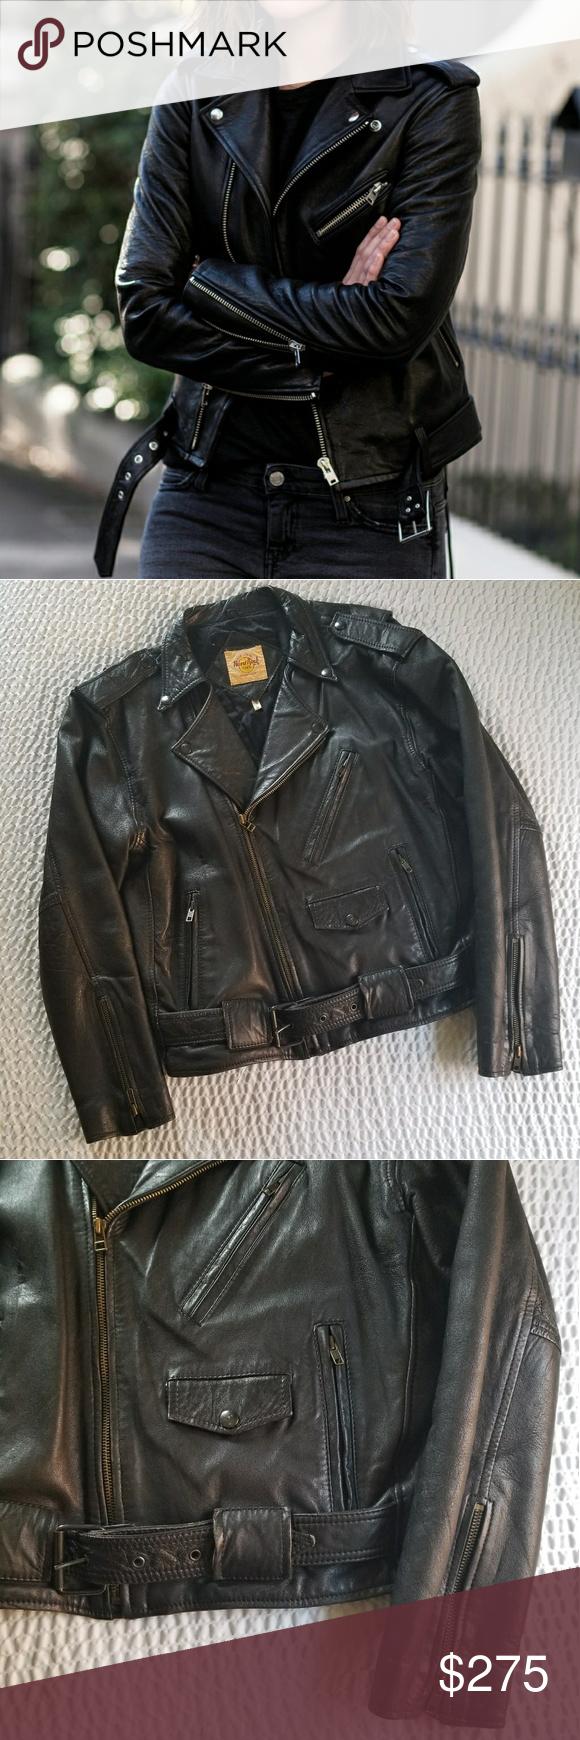 Vintage Leather Biker Jacket Vintage jacket